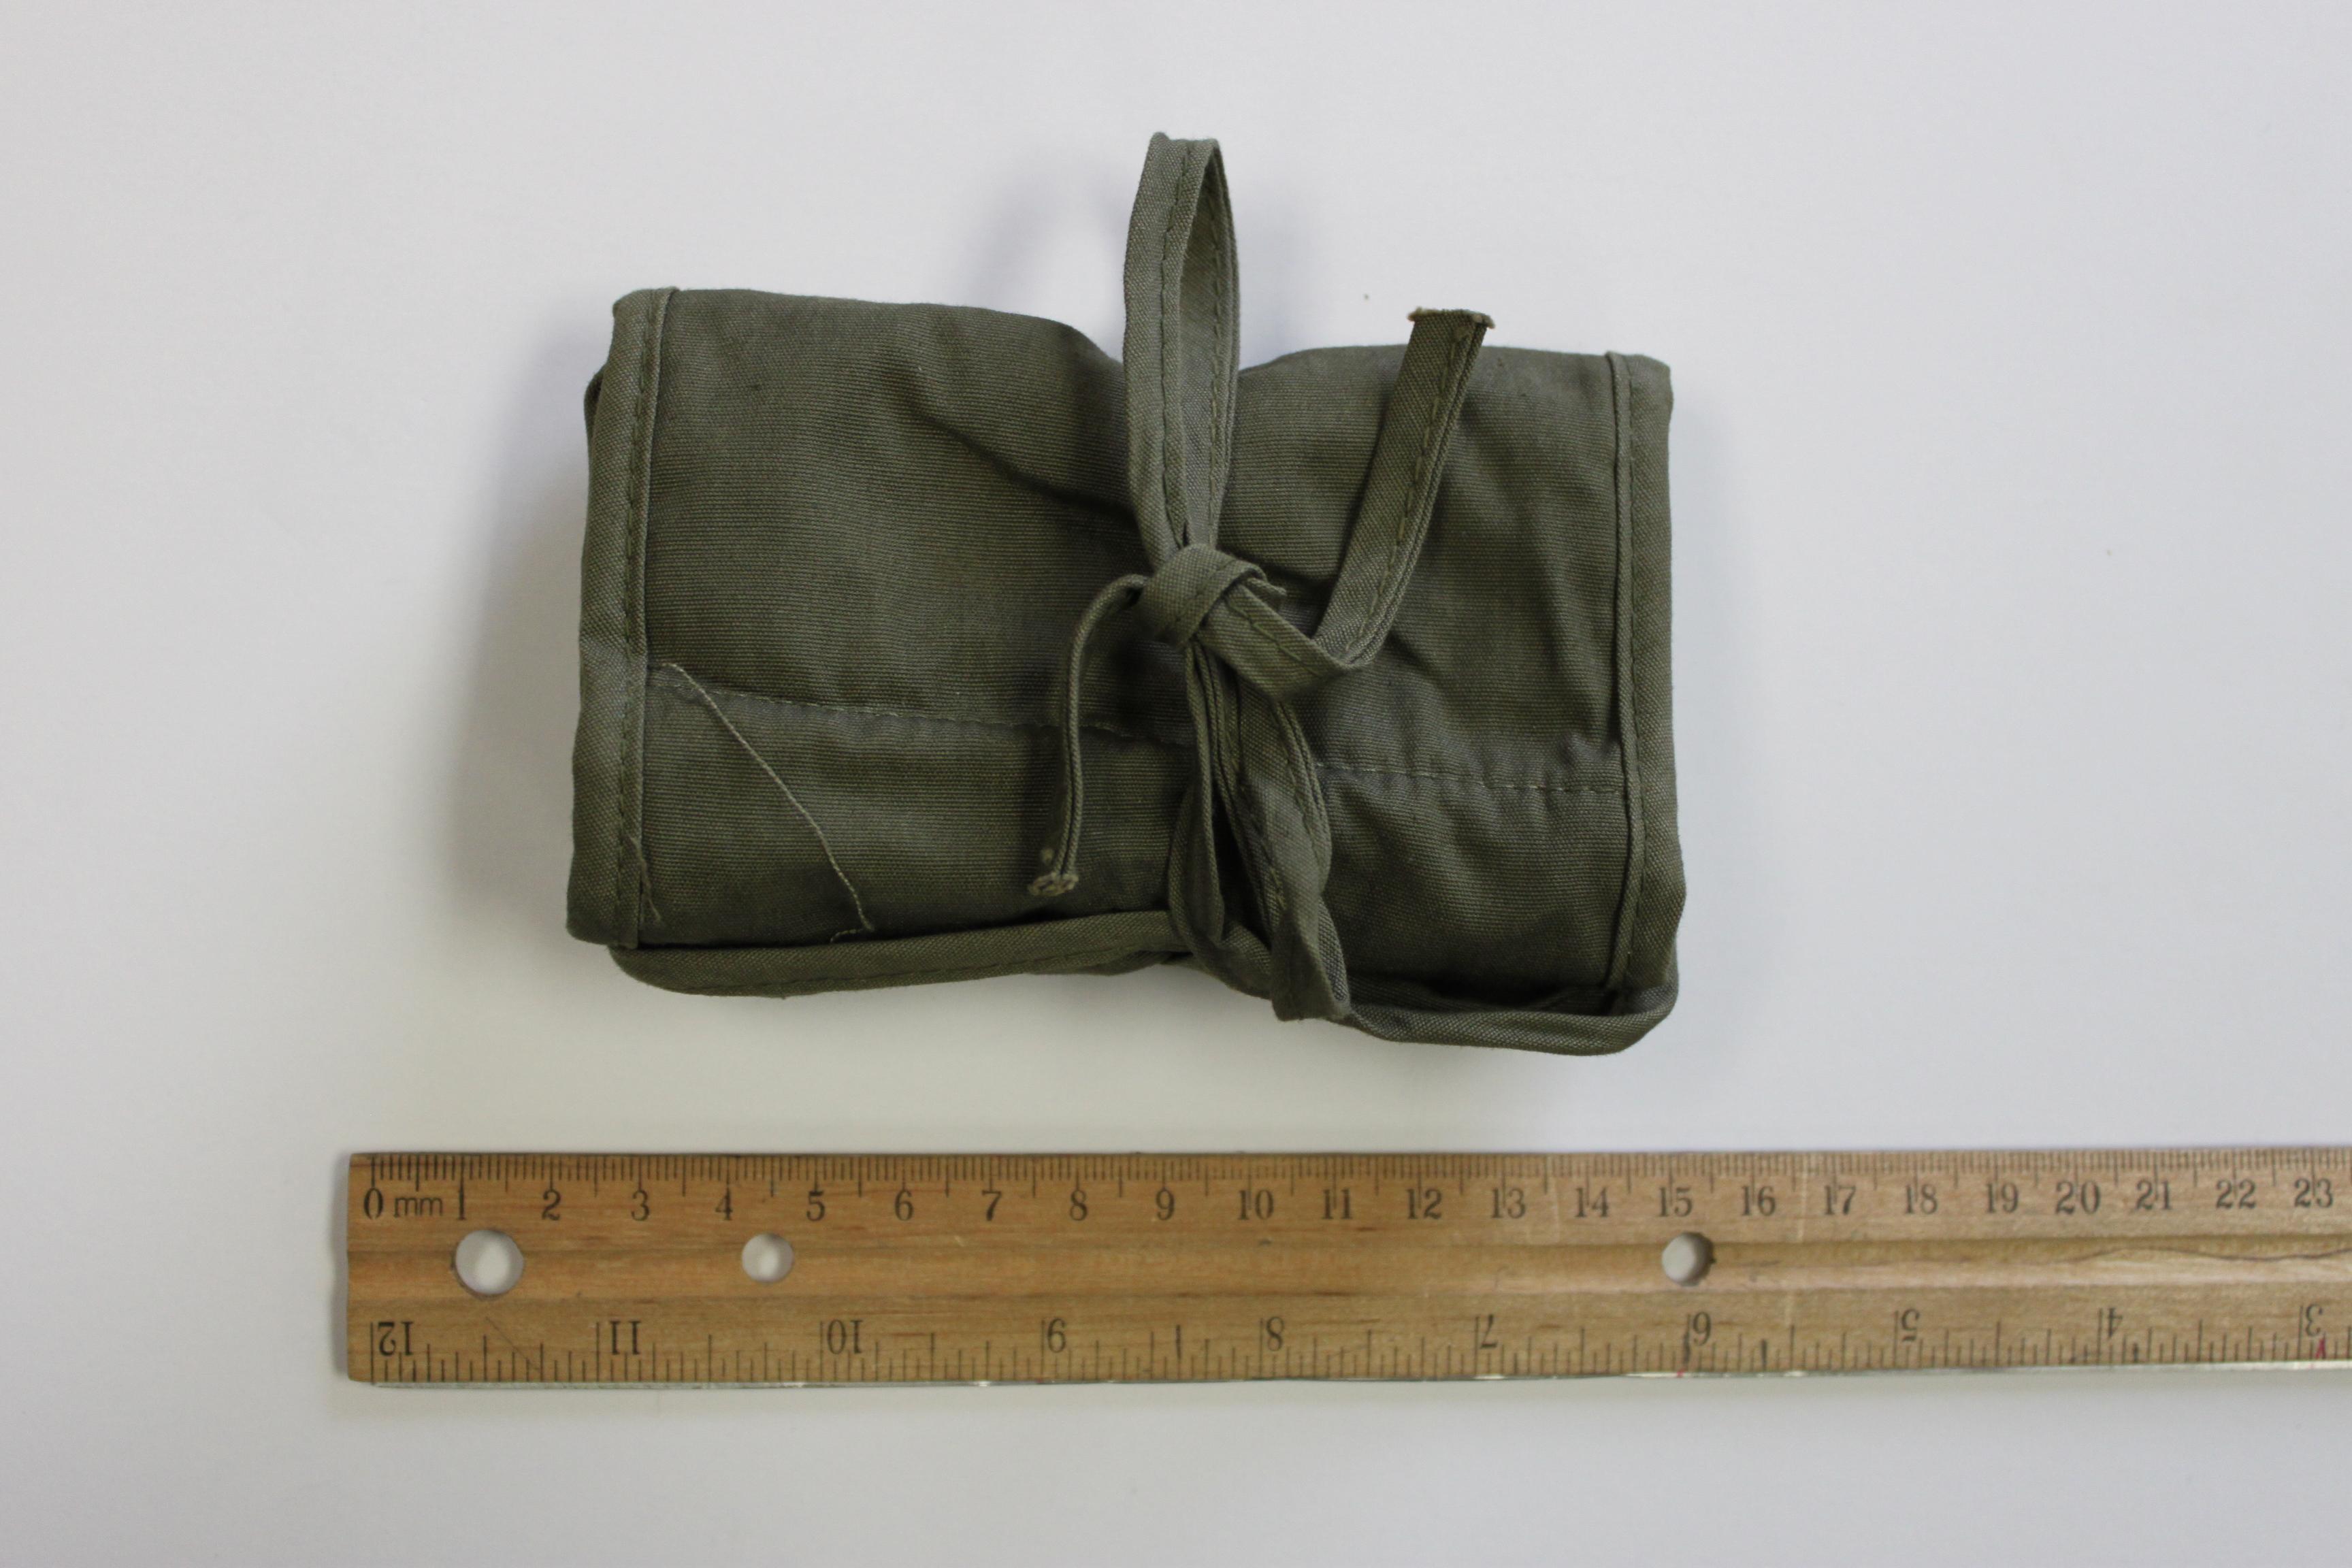 Warnen Messenger-bag Social When I Feel Like It 38 X 33 Cm Schwarz Ranzen, Taschen & Rucksäcke Koffer, Taschen & Accessoires